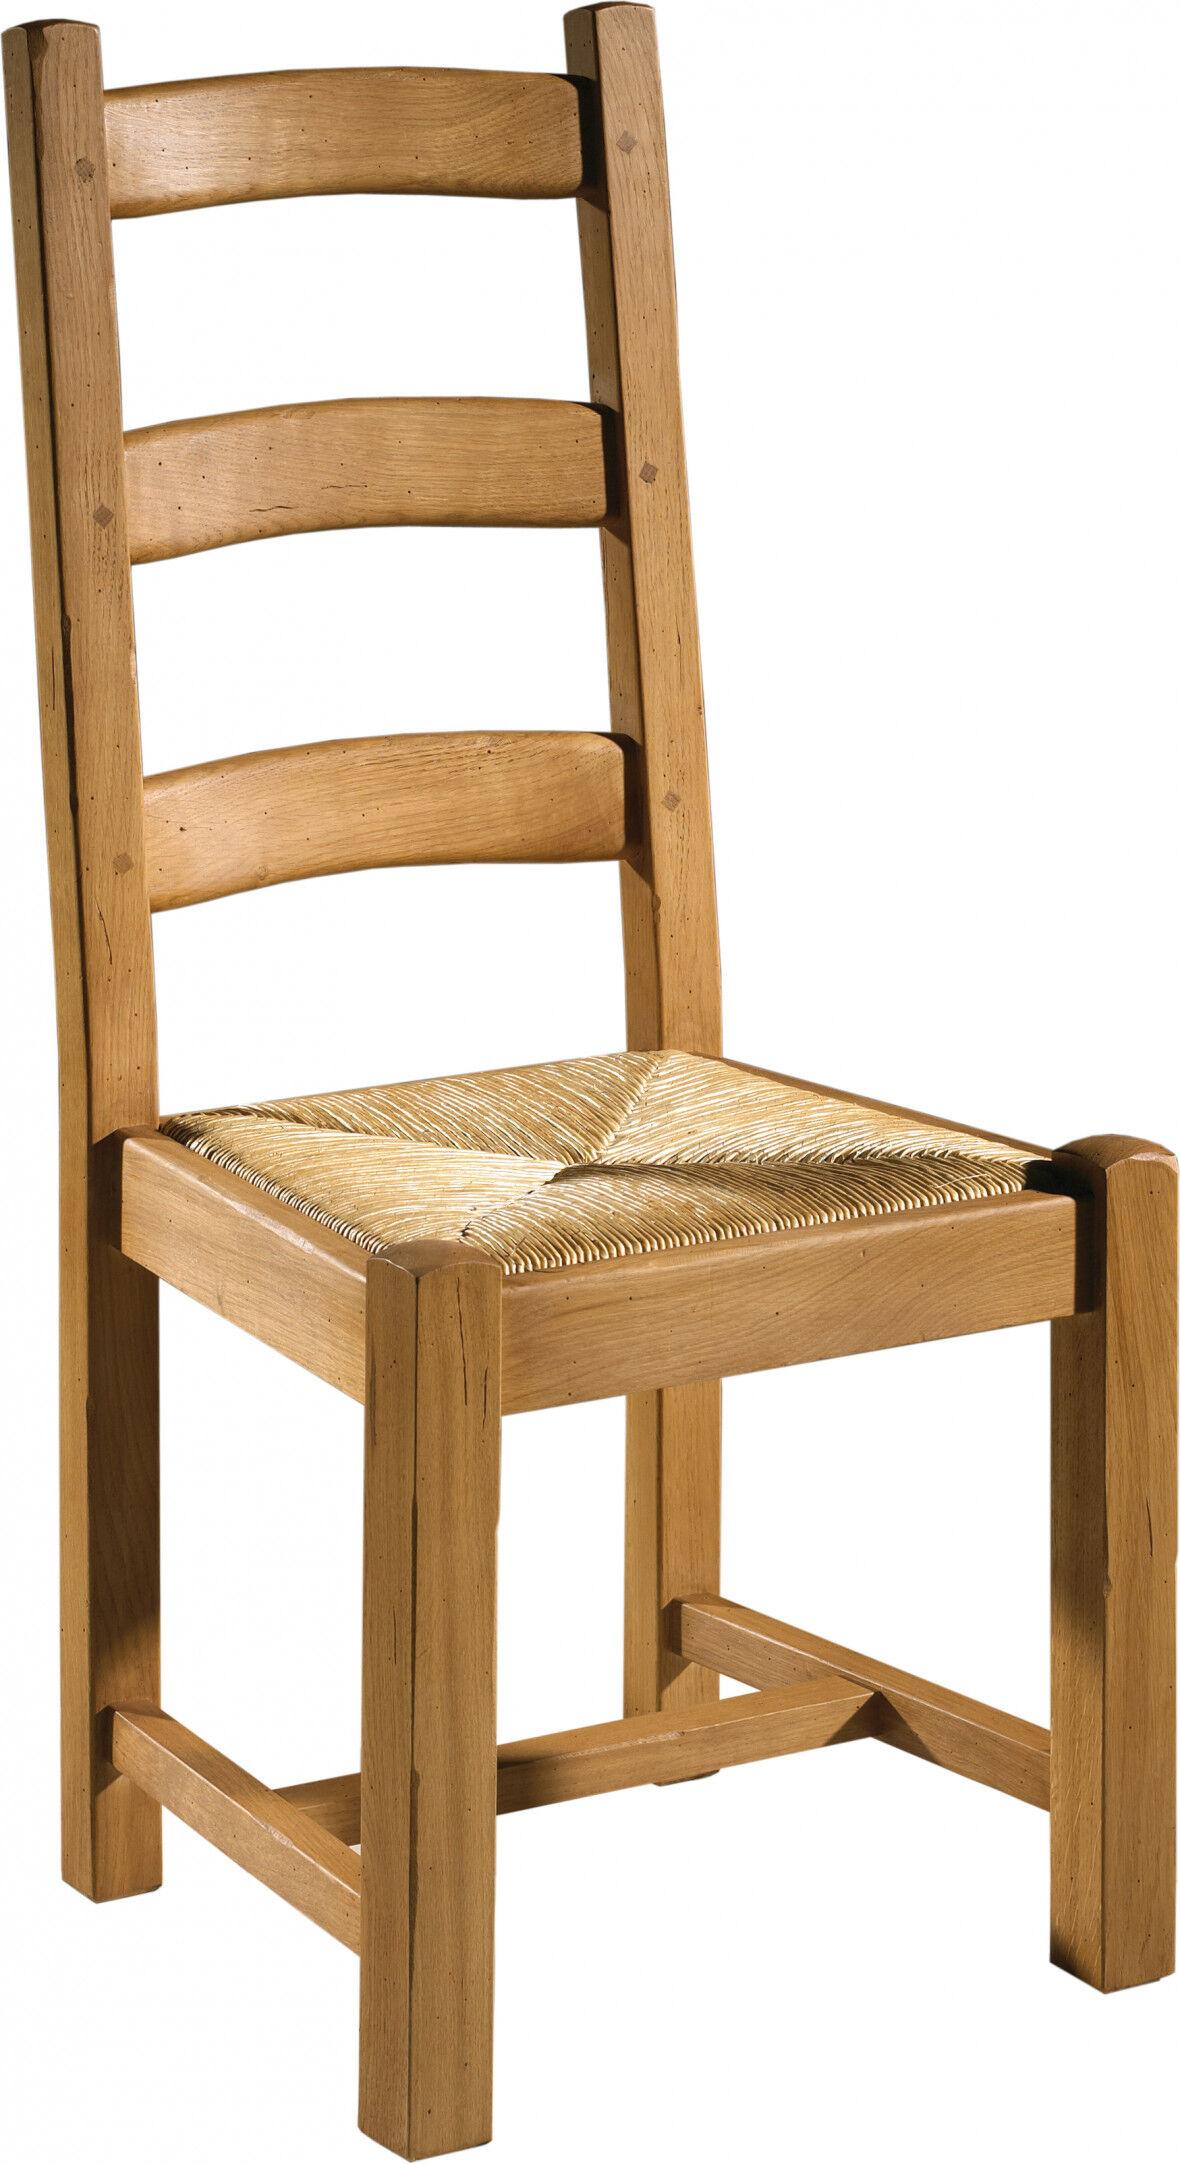 Destock Meubles Chaise chêne assise paille 3 barreaux